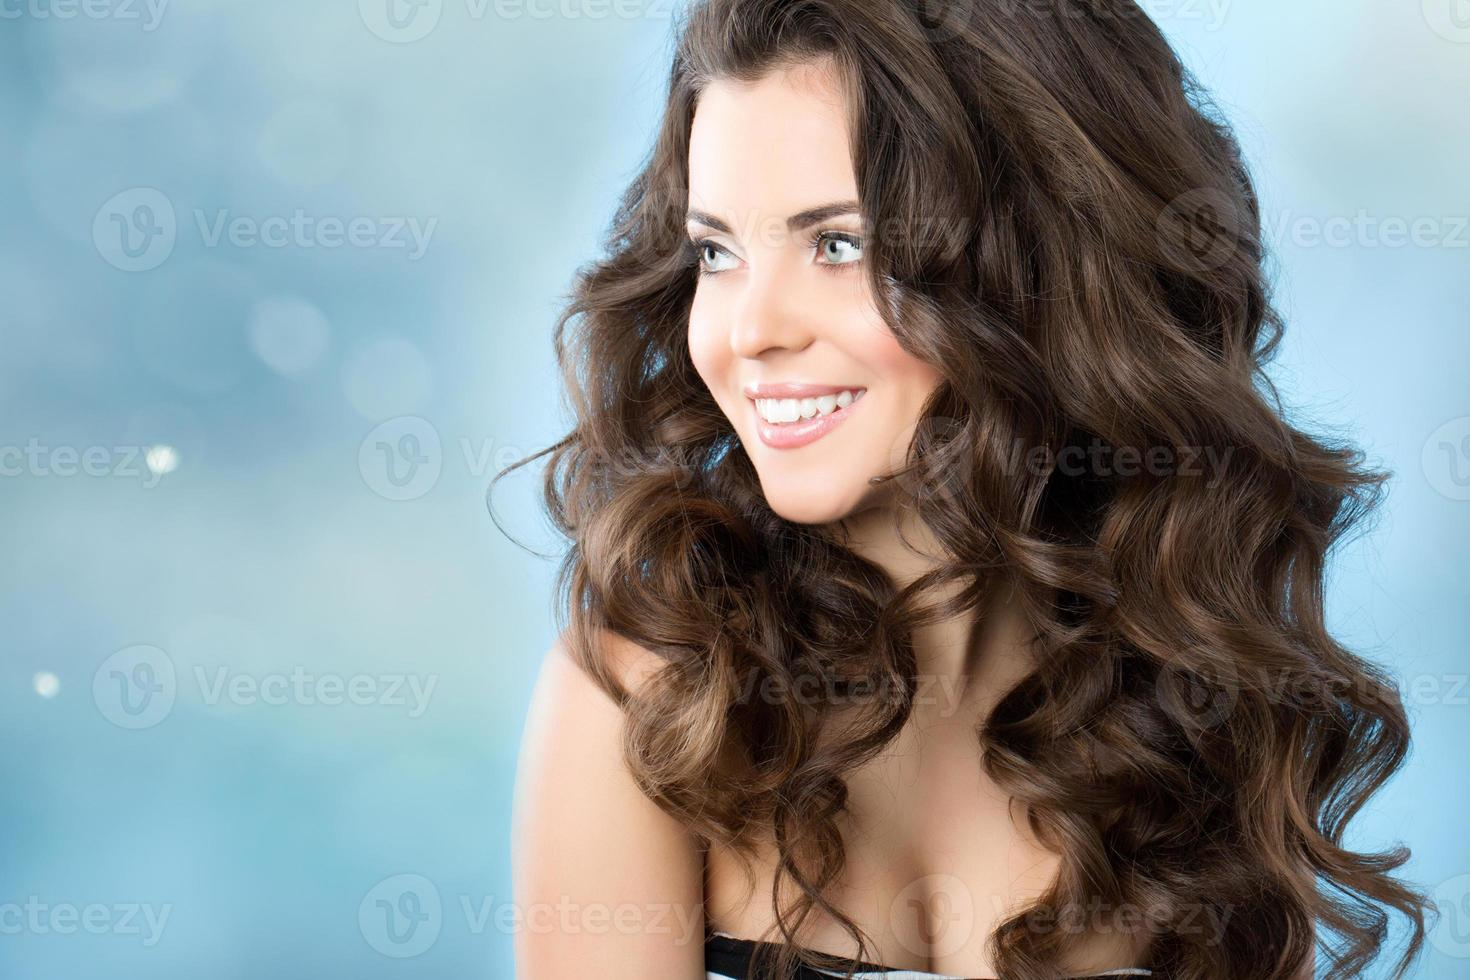 femme souriante aux cheveux longs sur fond bleu. photo